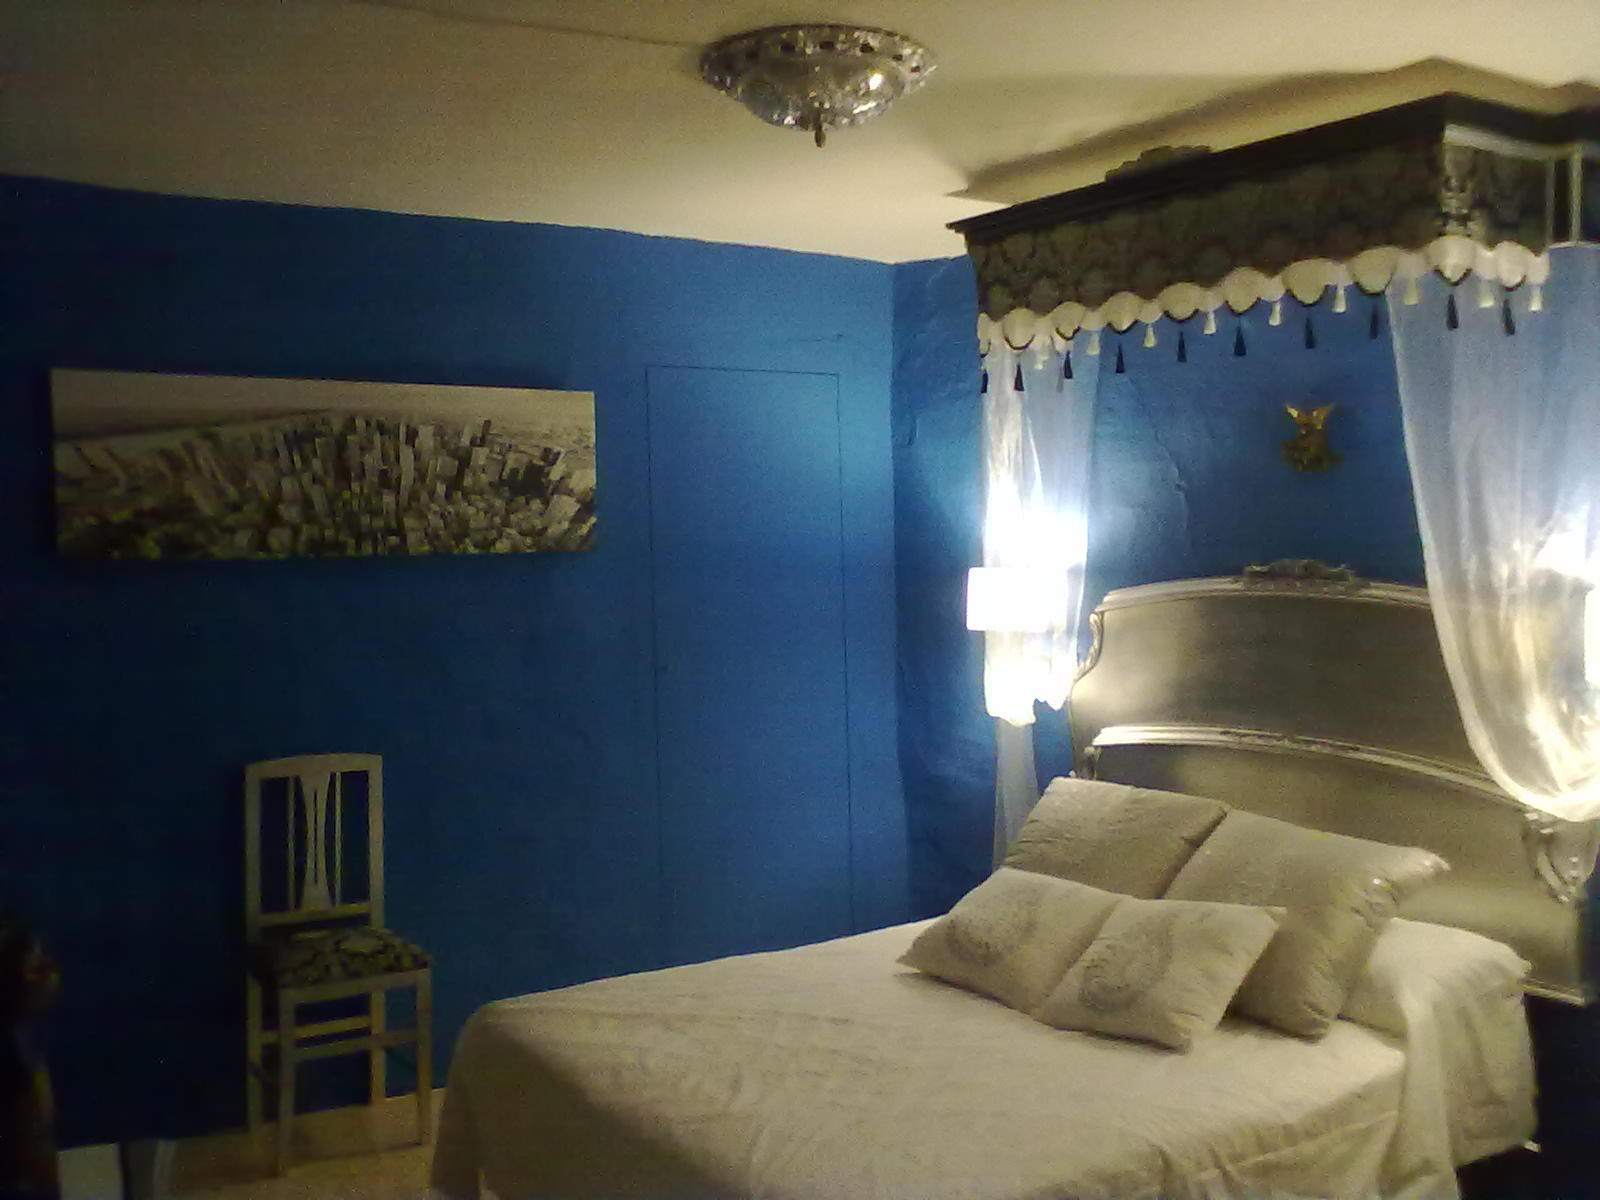 Artmueblar dosel para cama de matrimonio - Doseles de cama ...